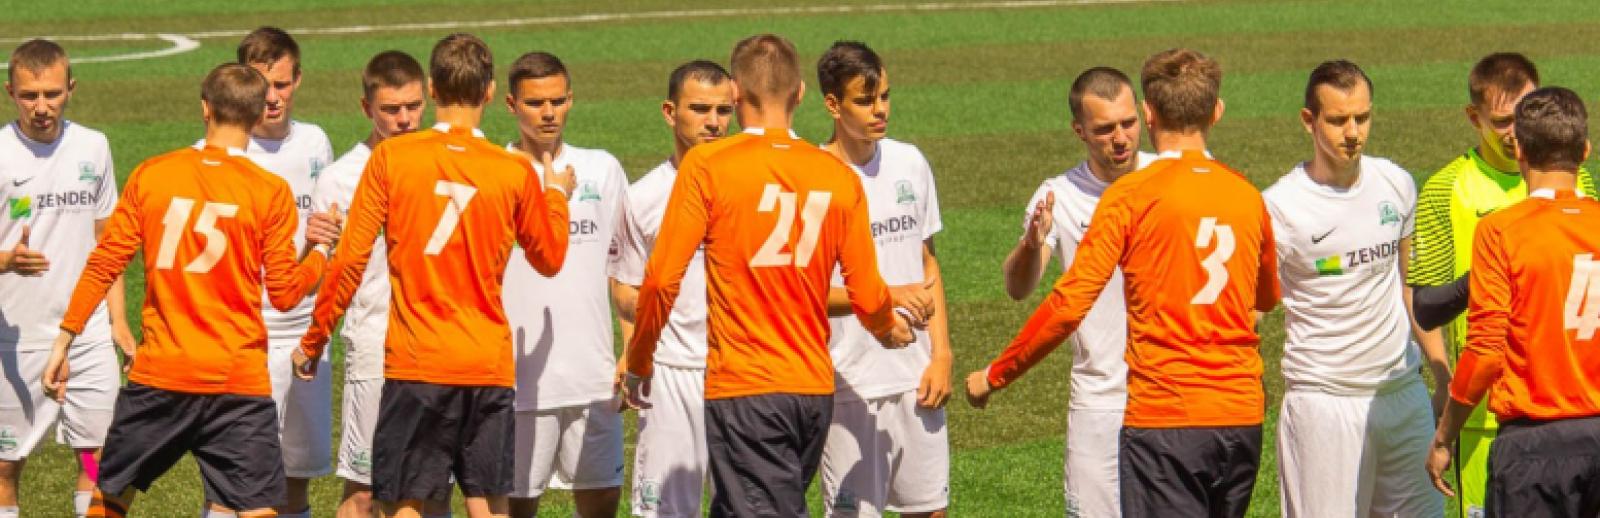 «Электрон» должен не проиграть «Эликорту» в Гатчине, чтобы занять второе место в III дивизионе